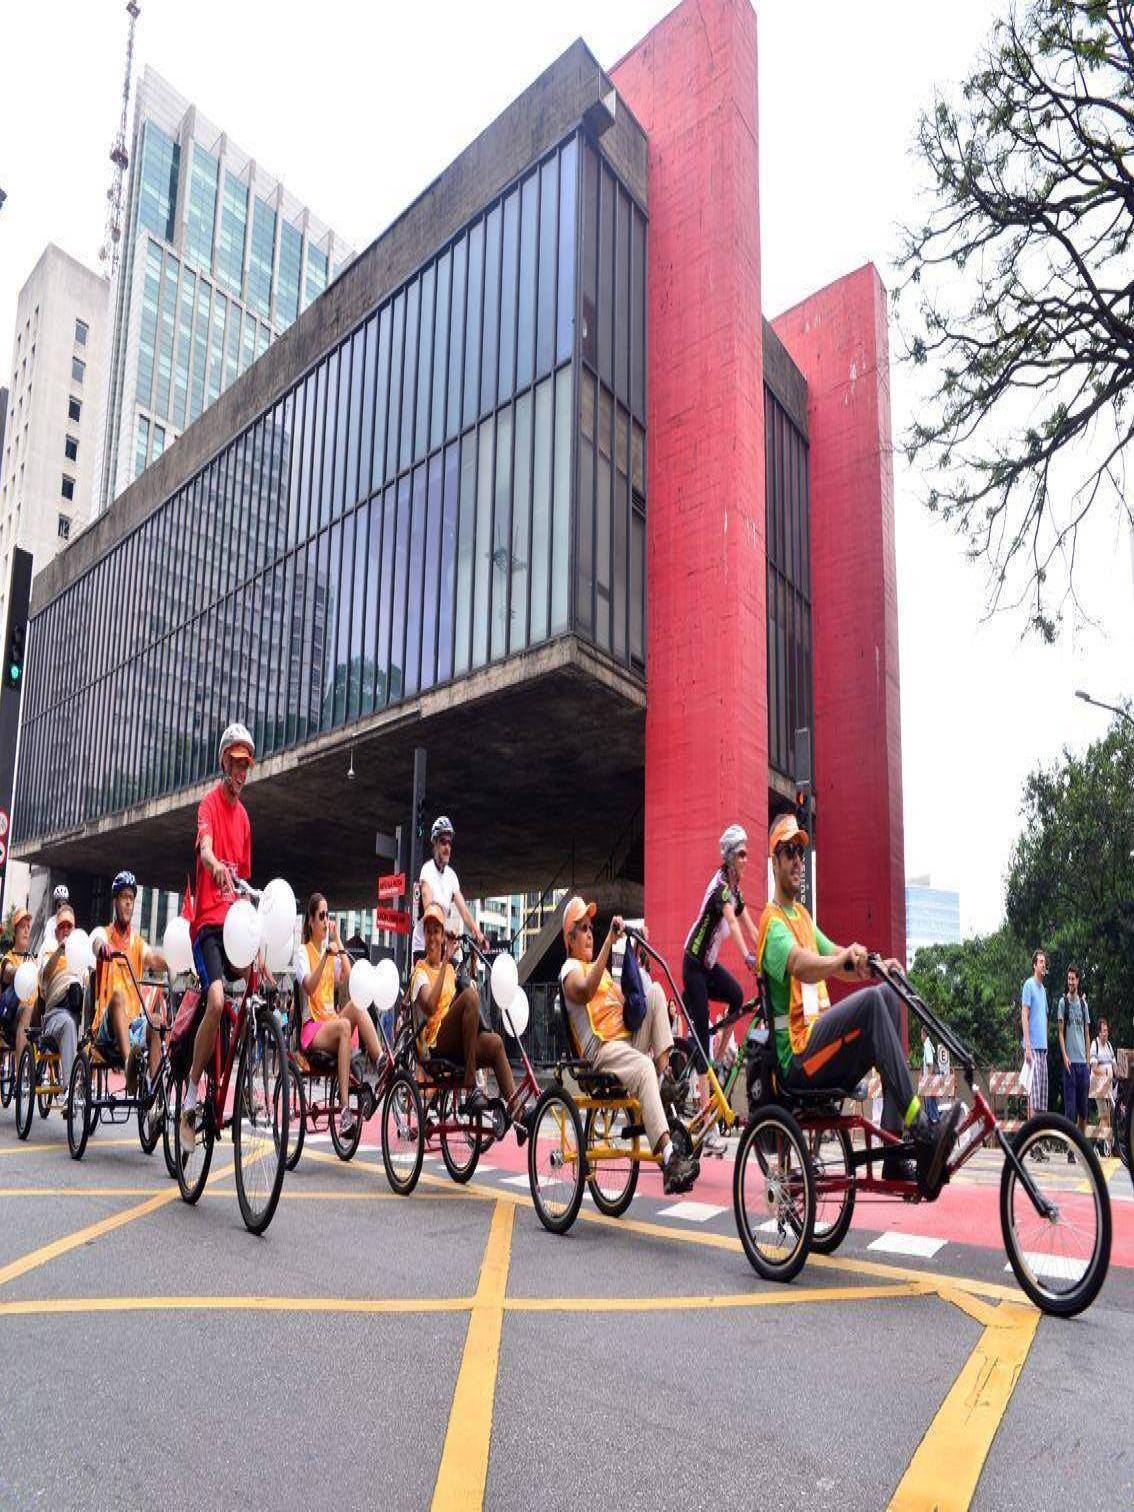 Bicicletada inclusiva.